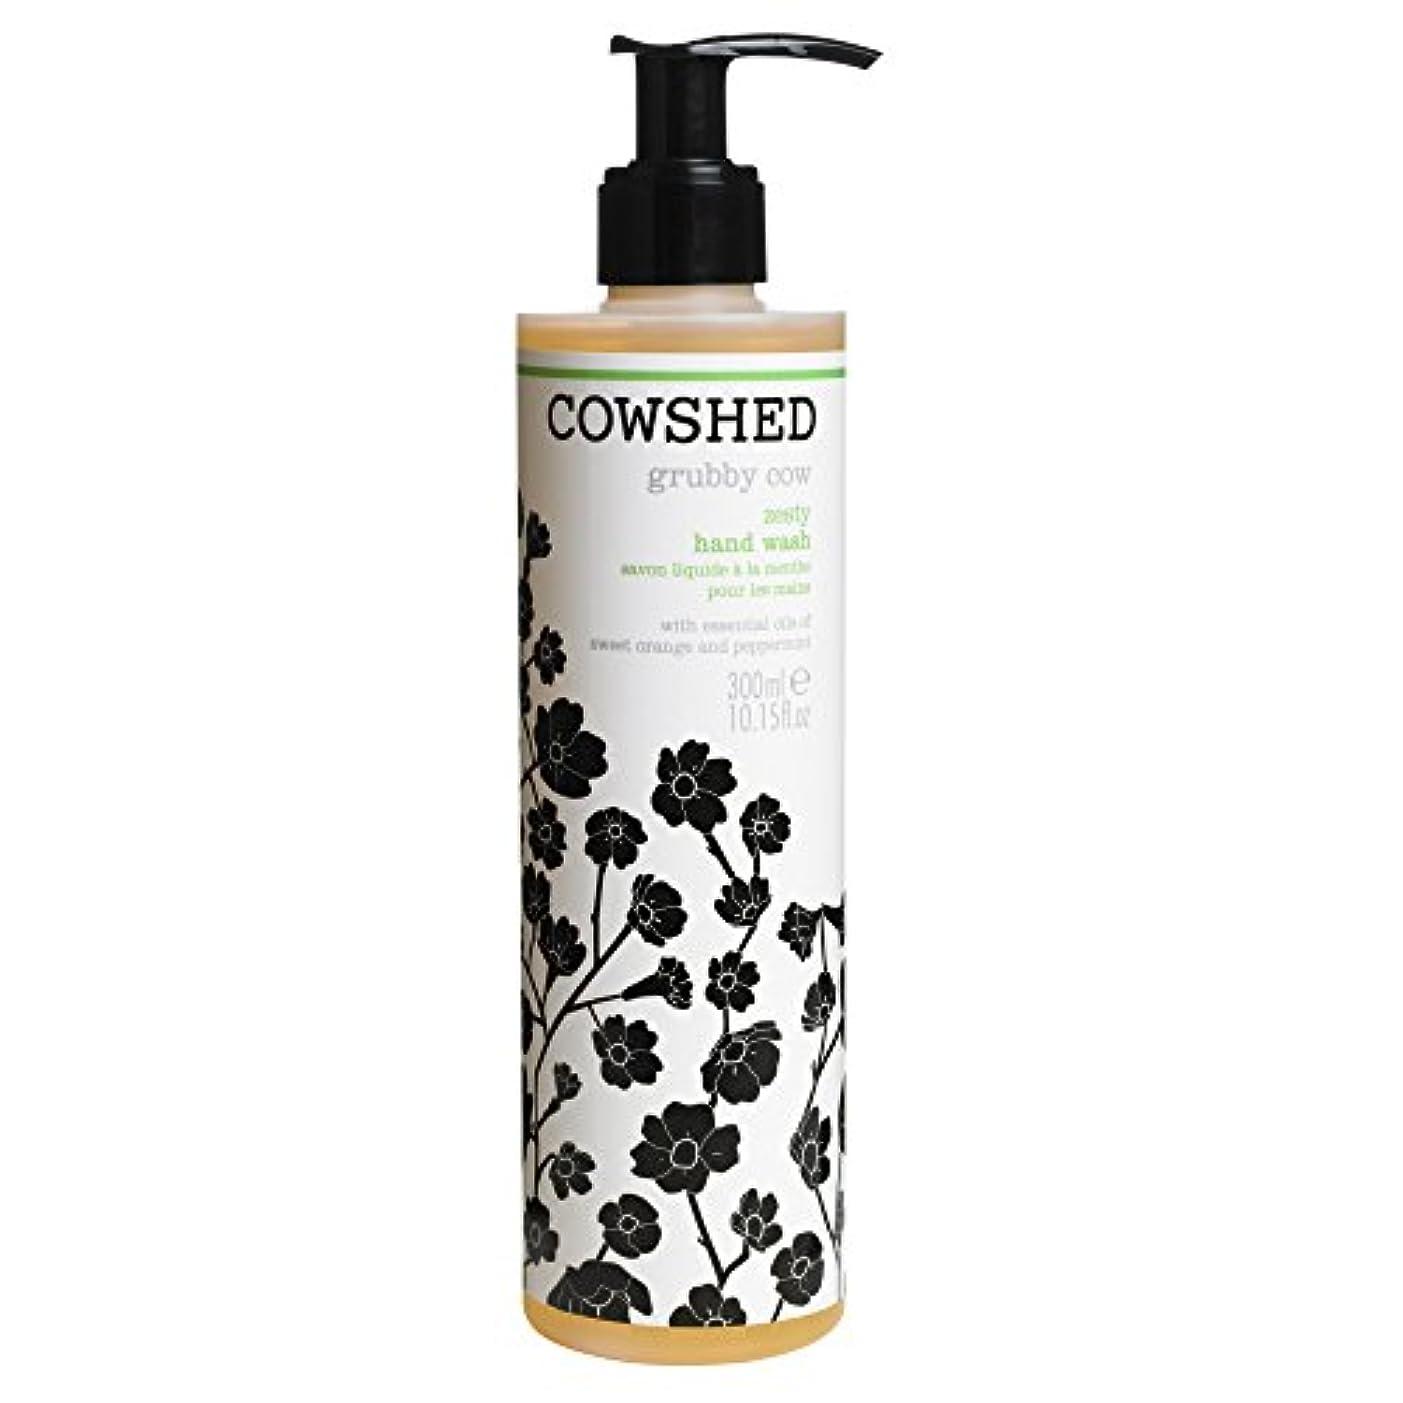 価格競争ムスタチオ牛舎汚い牛ピリッハンドウォッシュ300ミリリットル (Cowshed) (x6) - Cowshed Grubby Cow Zesty Hand Wash 300ml (Pack of 6) [並行輸入品]